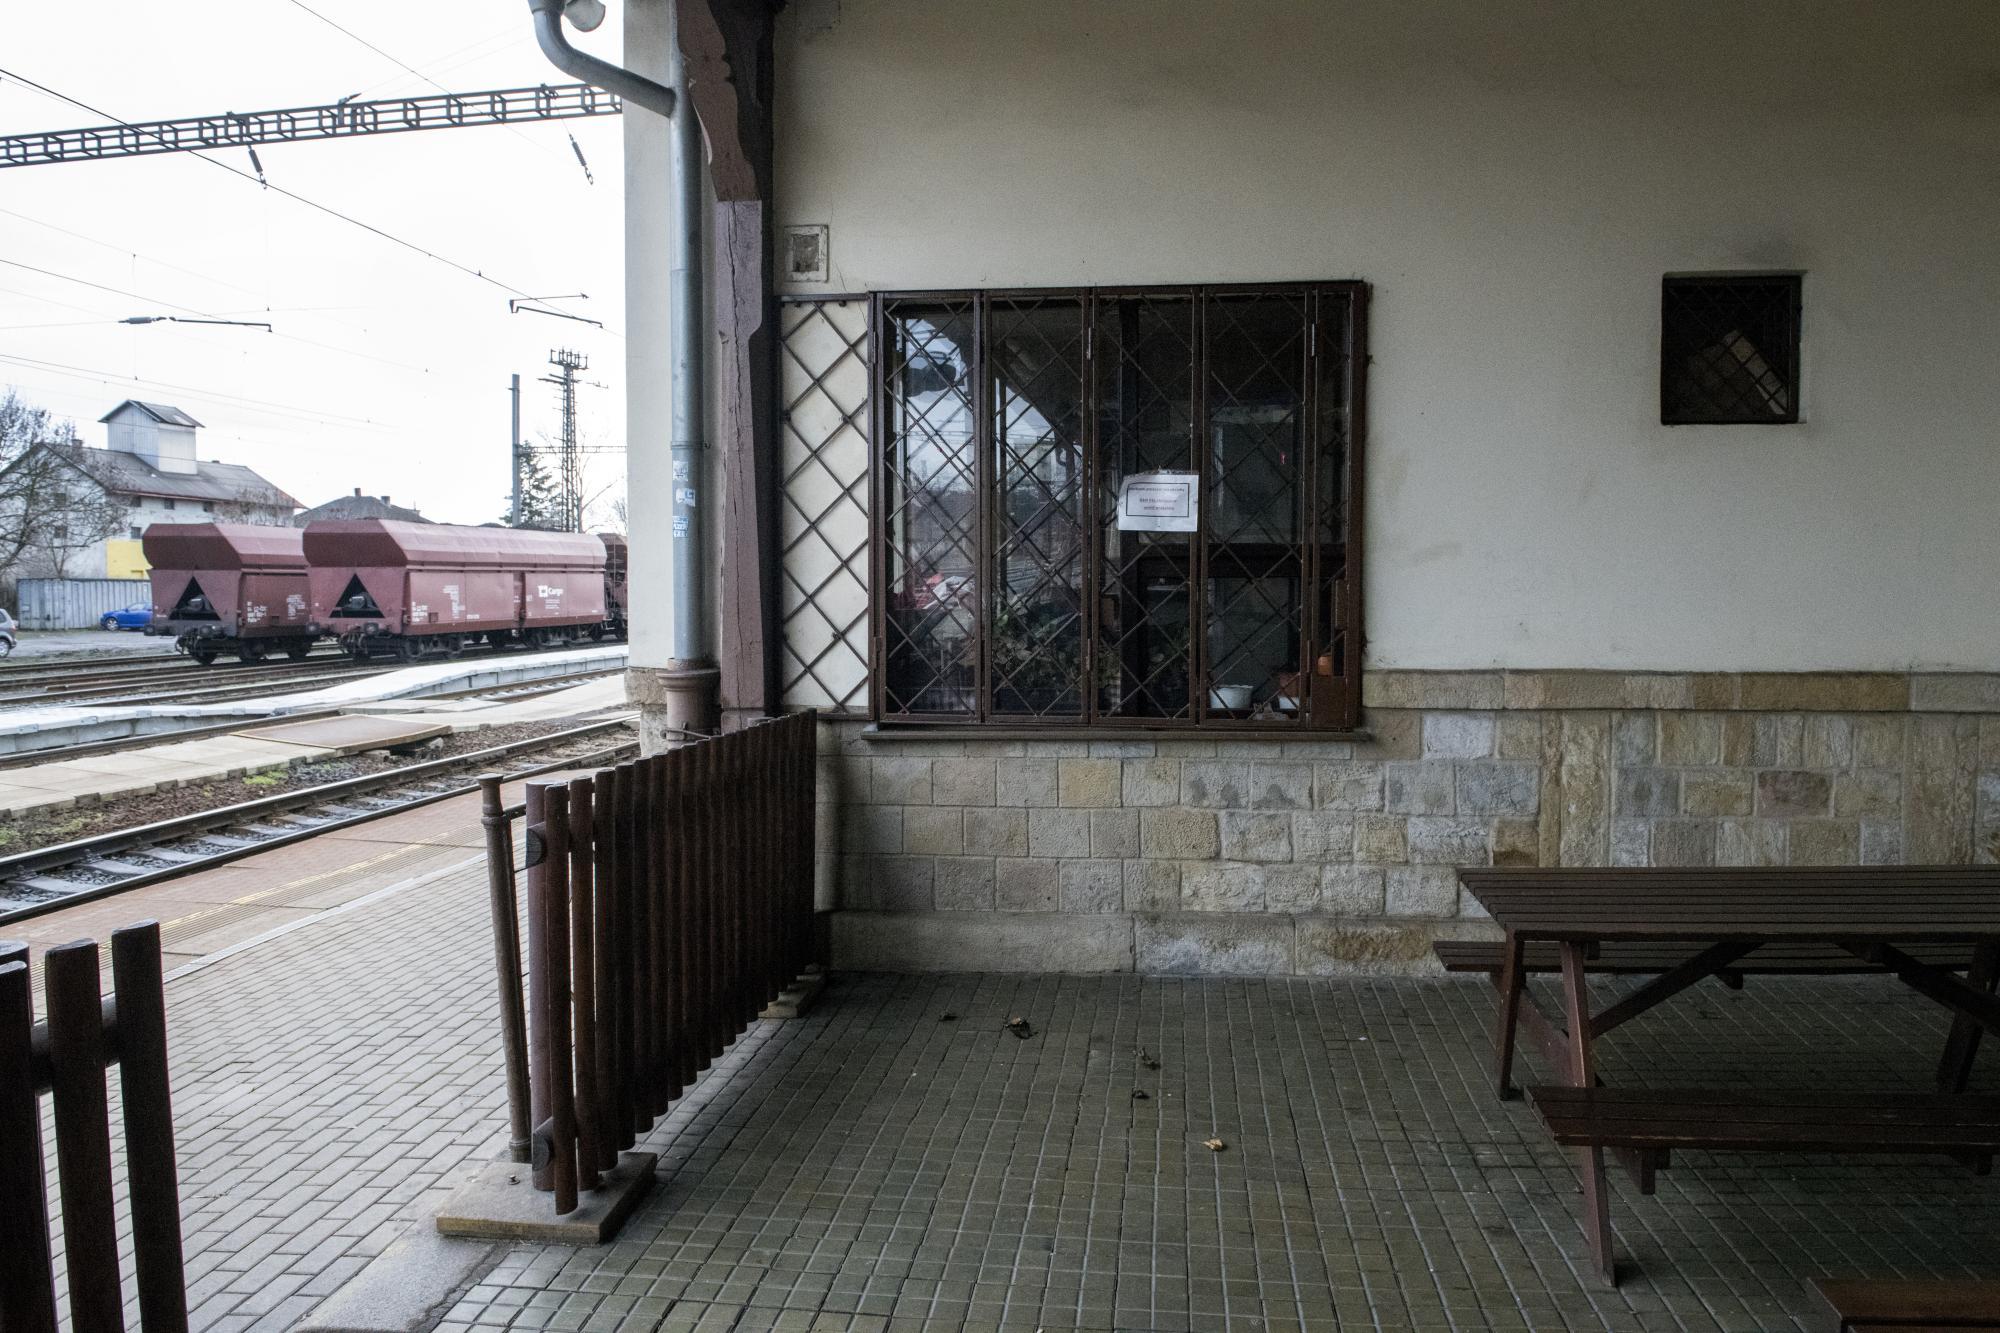 Okno bývalého koloniálu, kde pracovala máma Jana Palacha. Nádraží ve Všetatech.